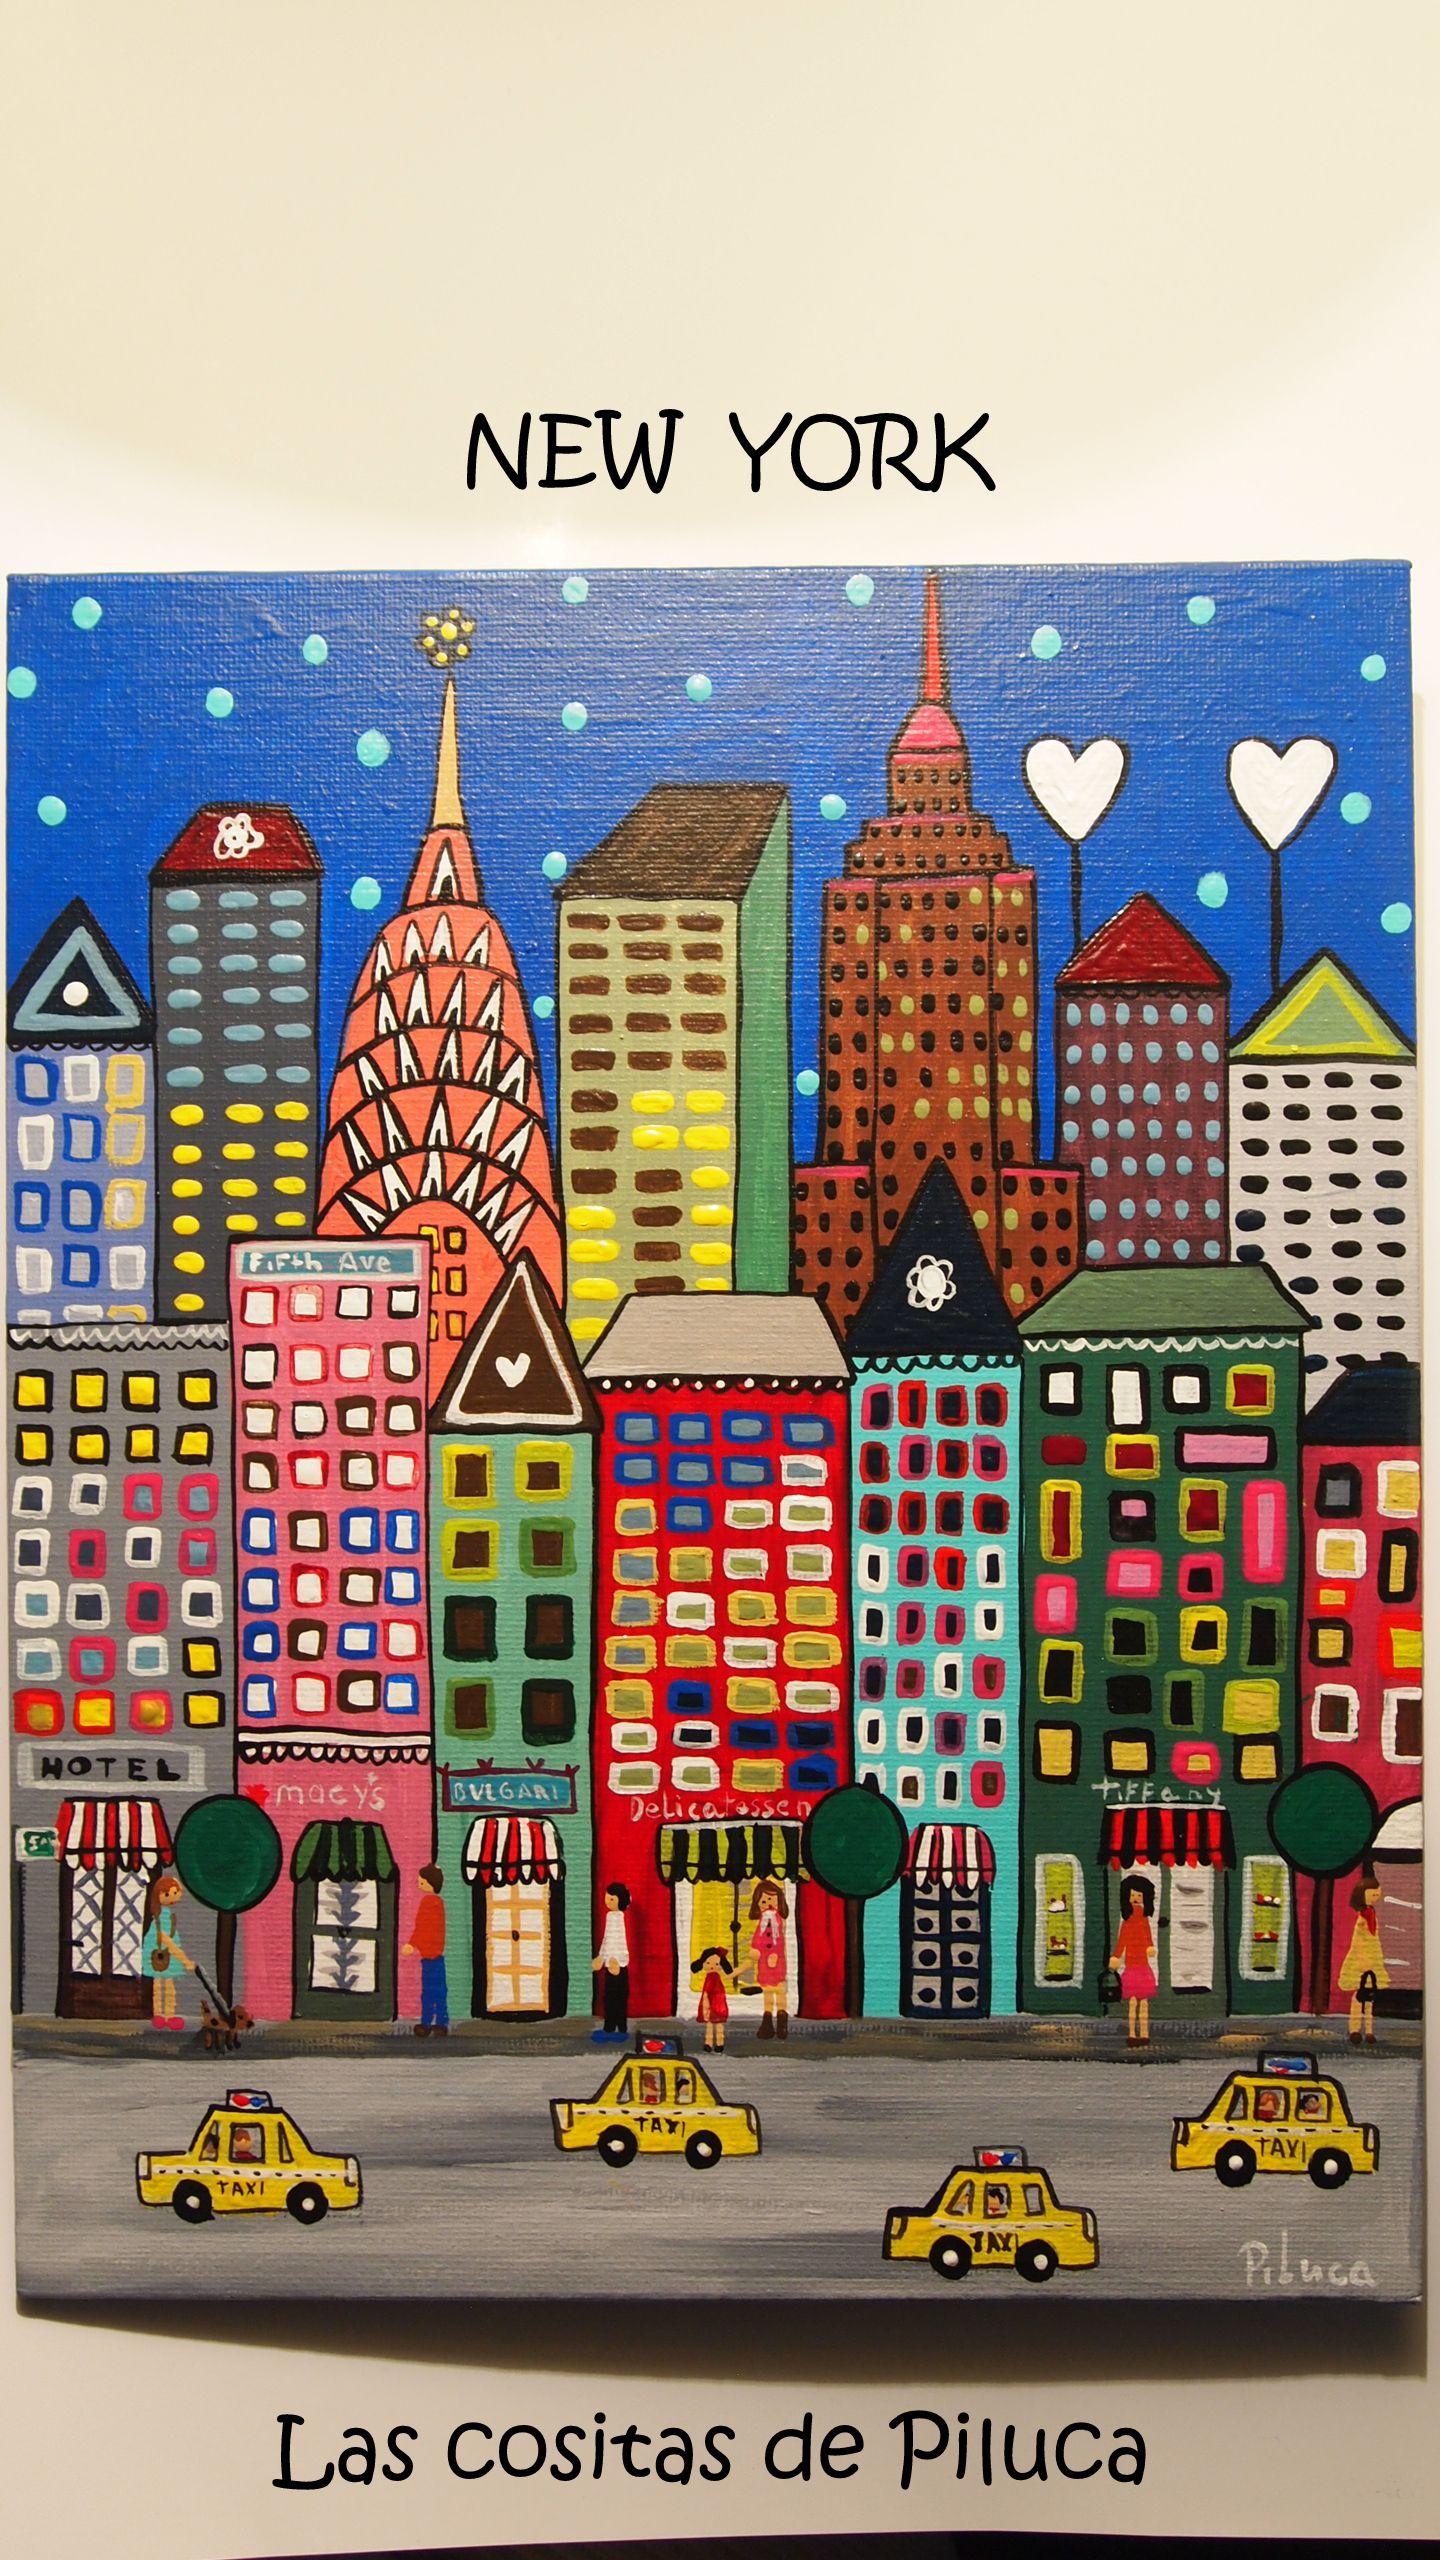 New york 3 seguro que ya has tenido la impresi n de haber estado en nueva york